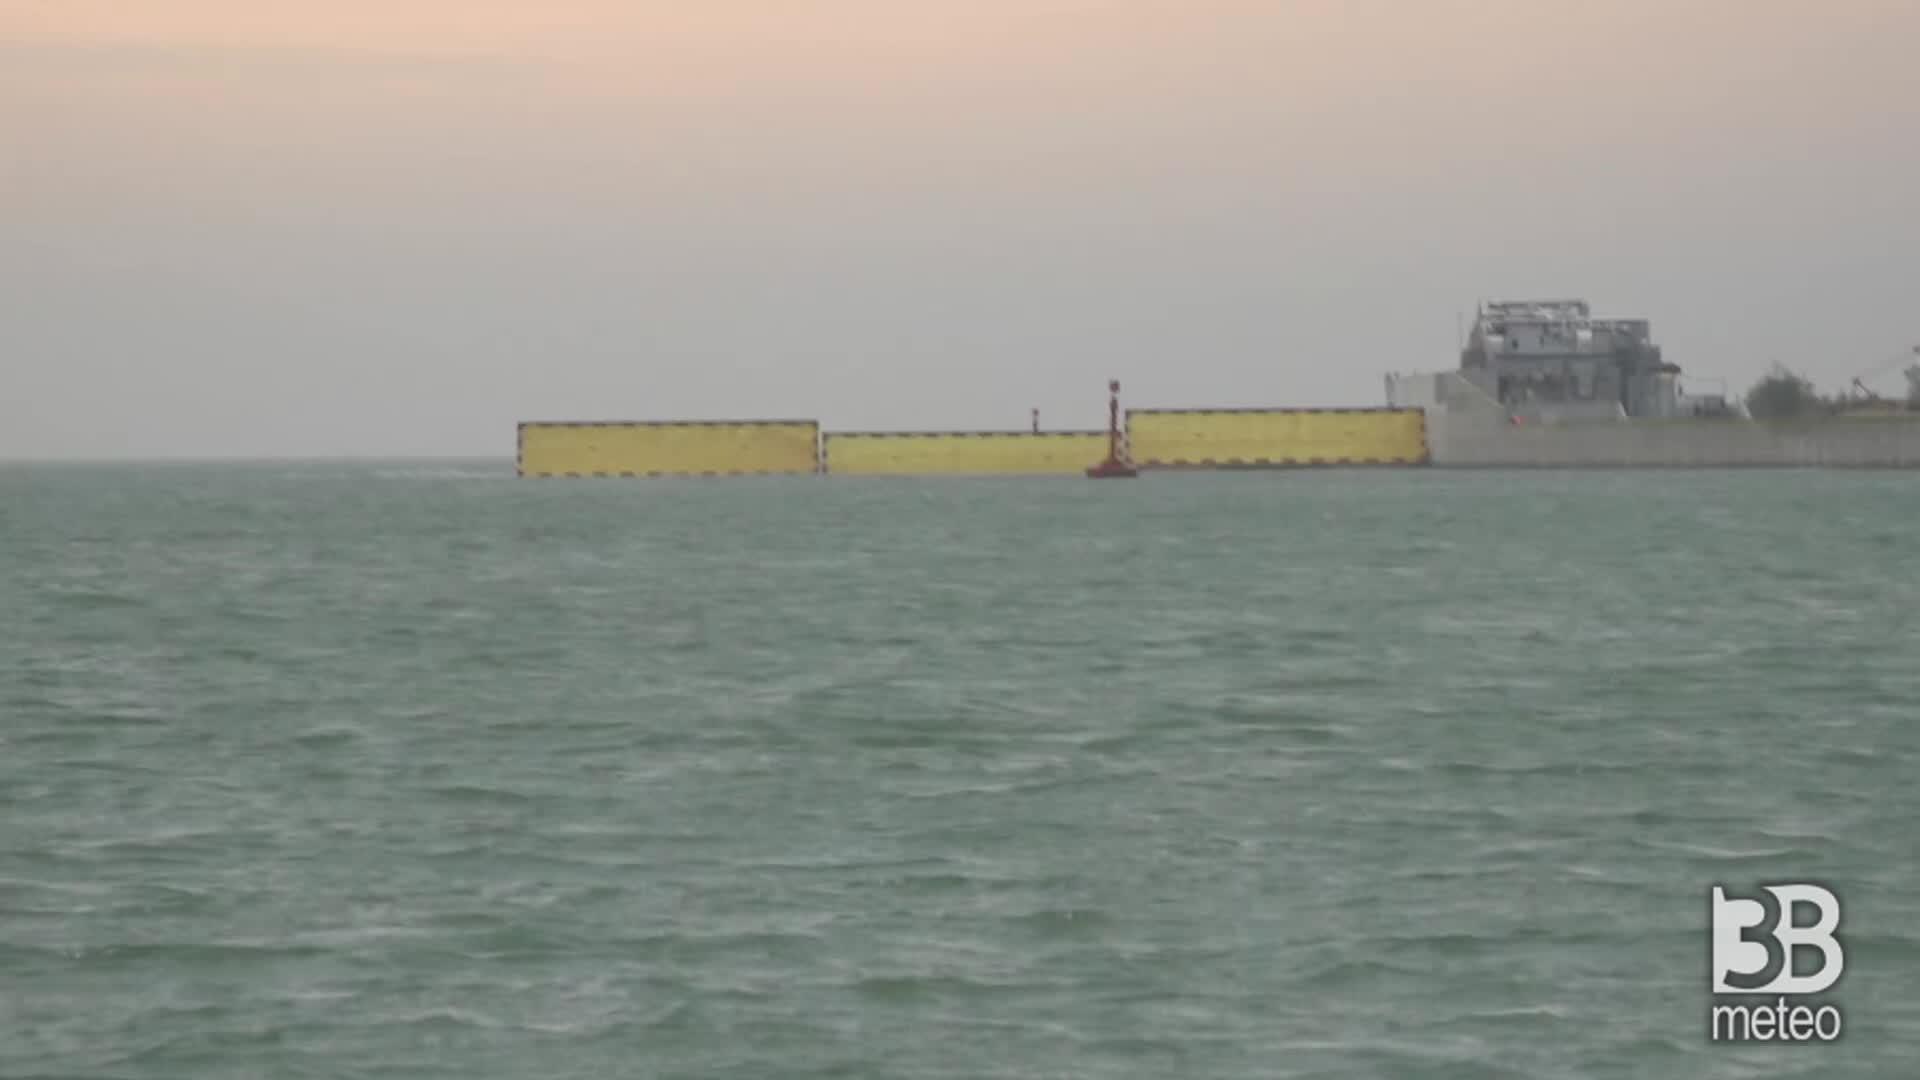 Venezia, si alza il Mose: prime fasi innalzamento